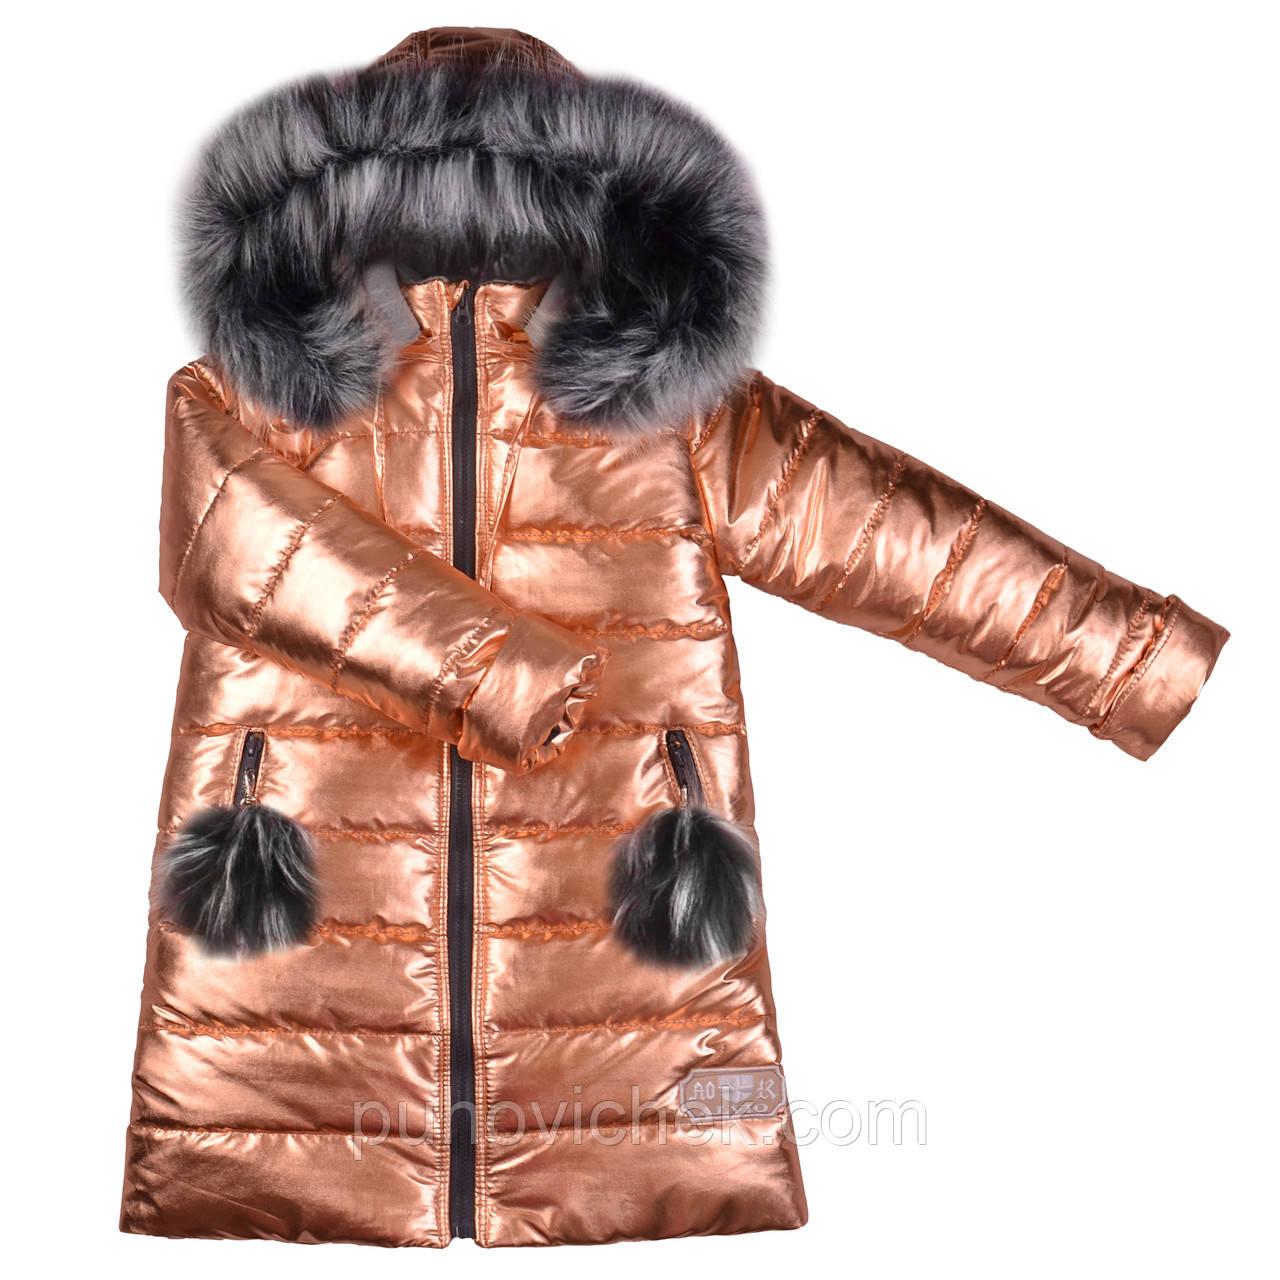 Блестящие зимние куртки для девочек интрнет магазин